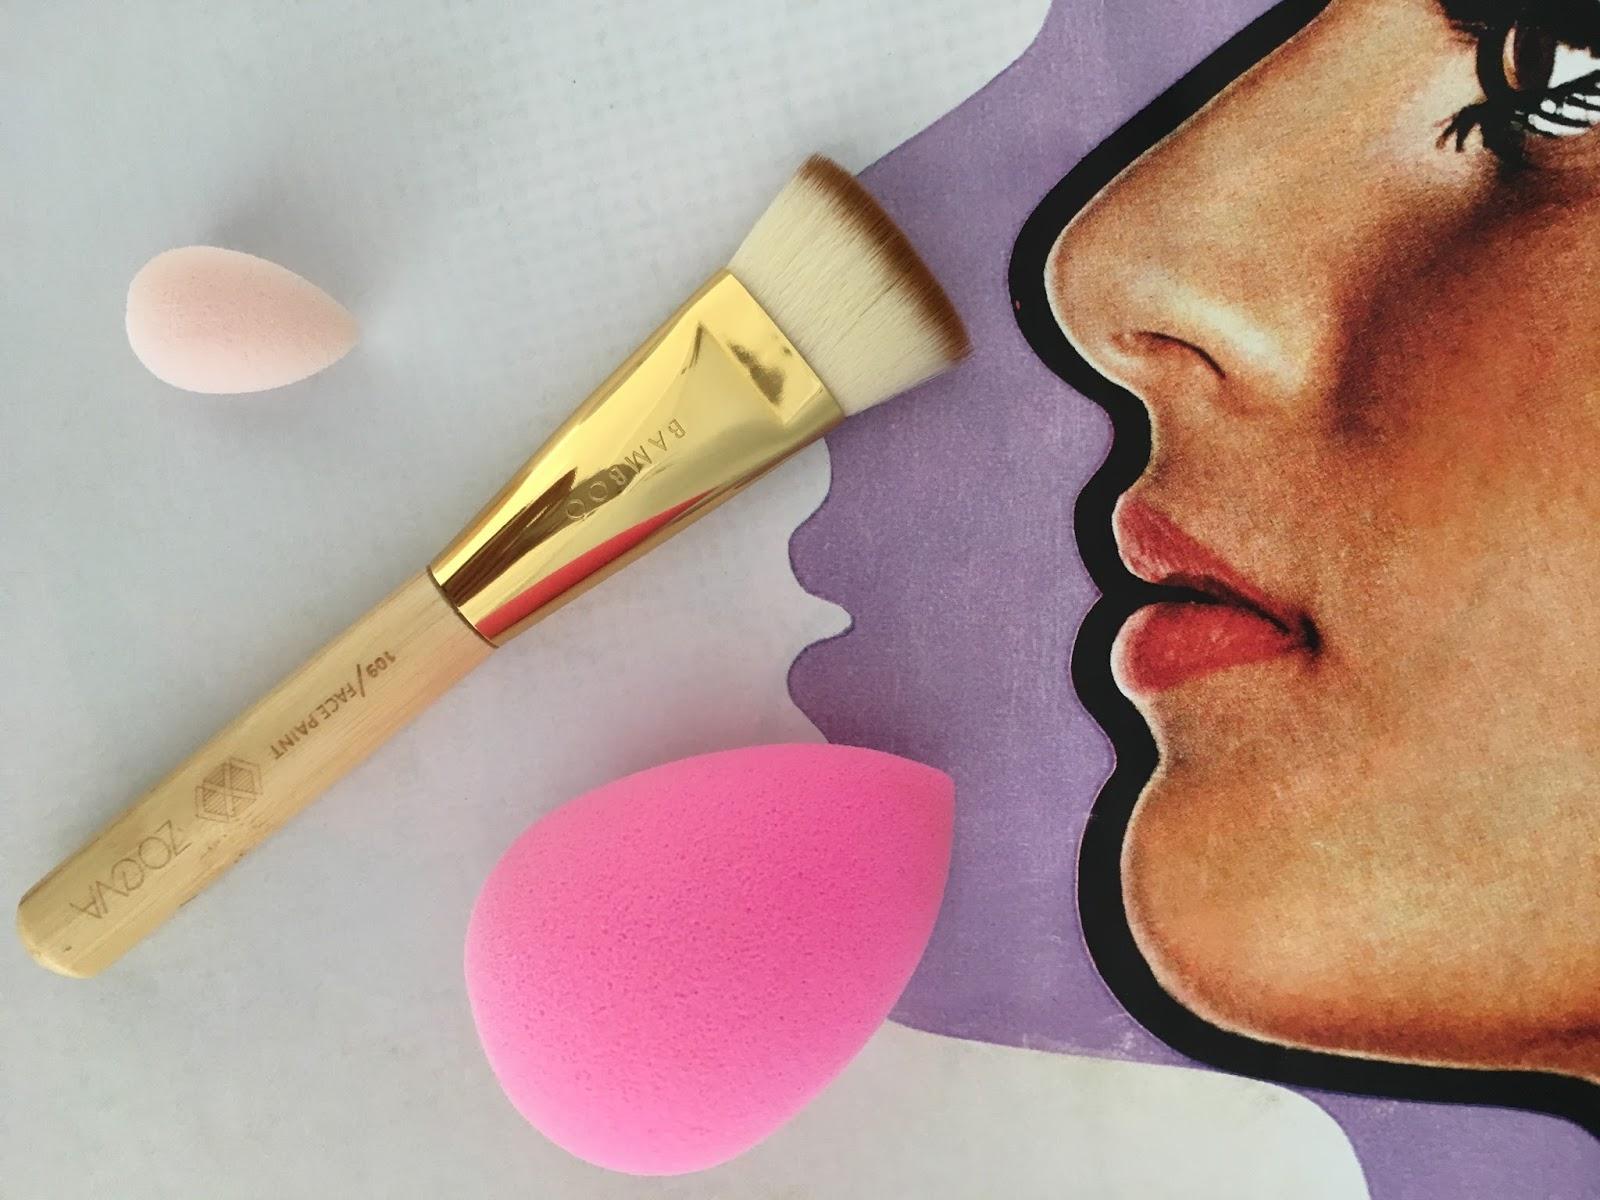 jak używać beauty blendera